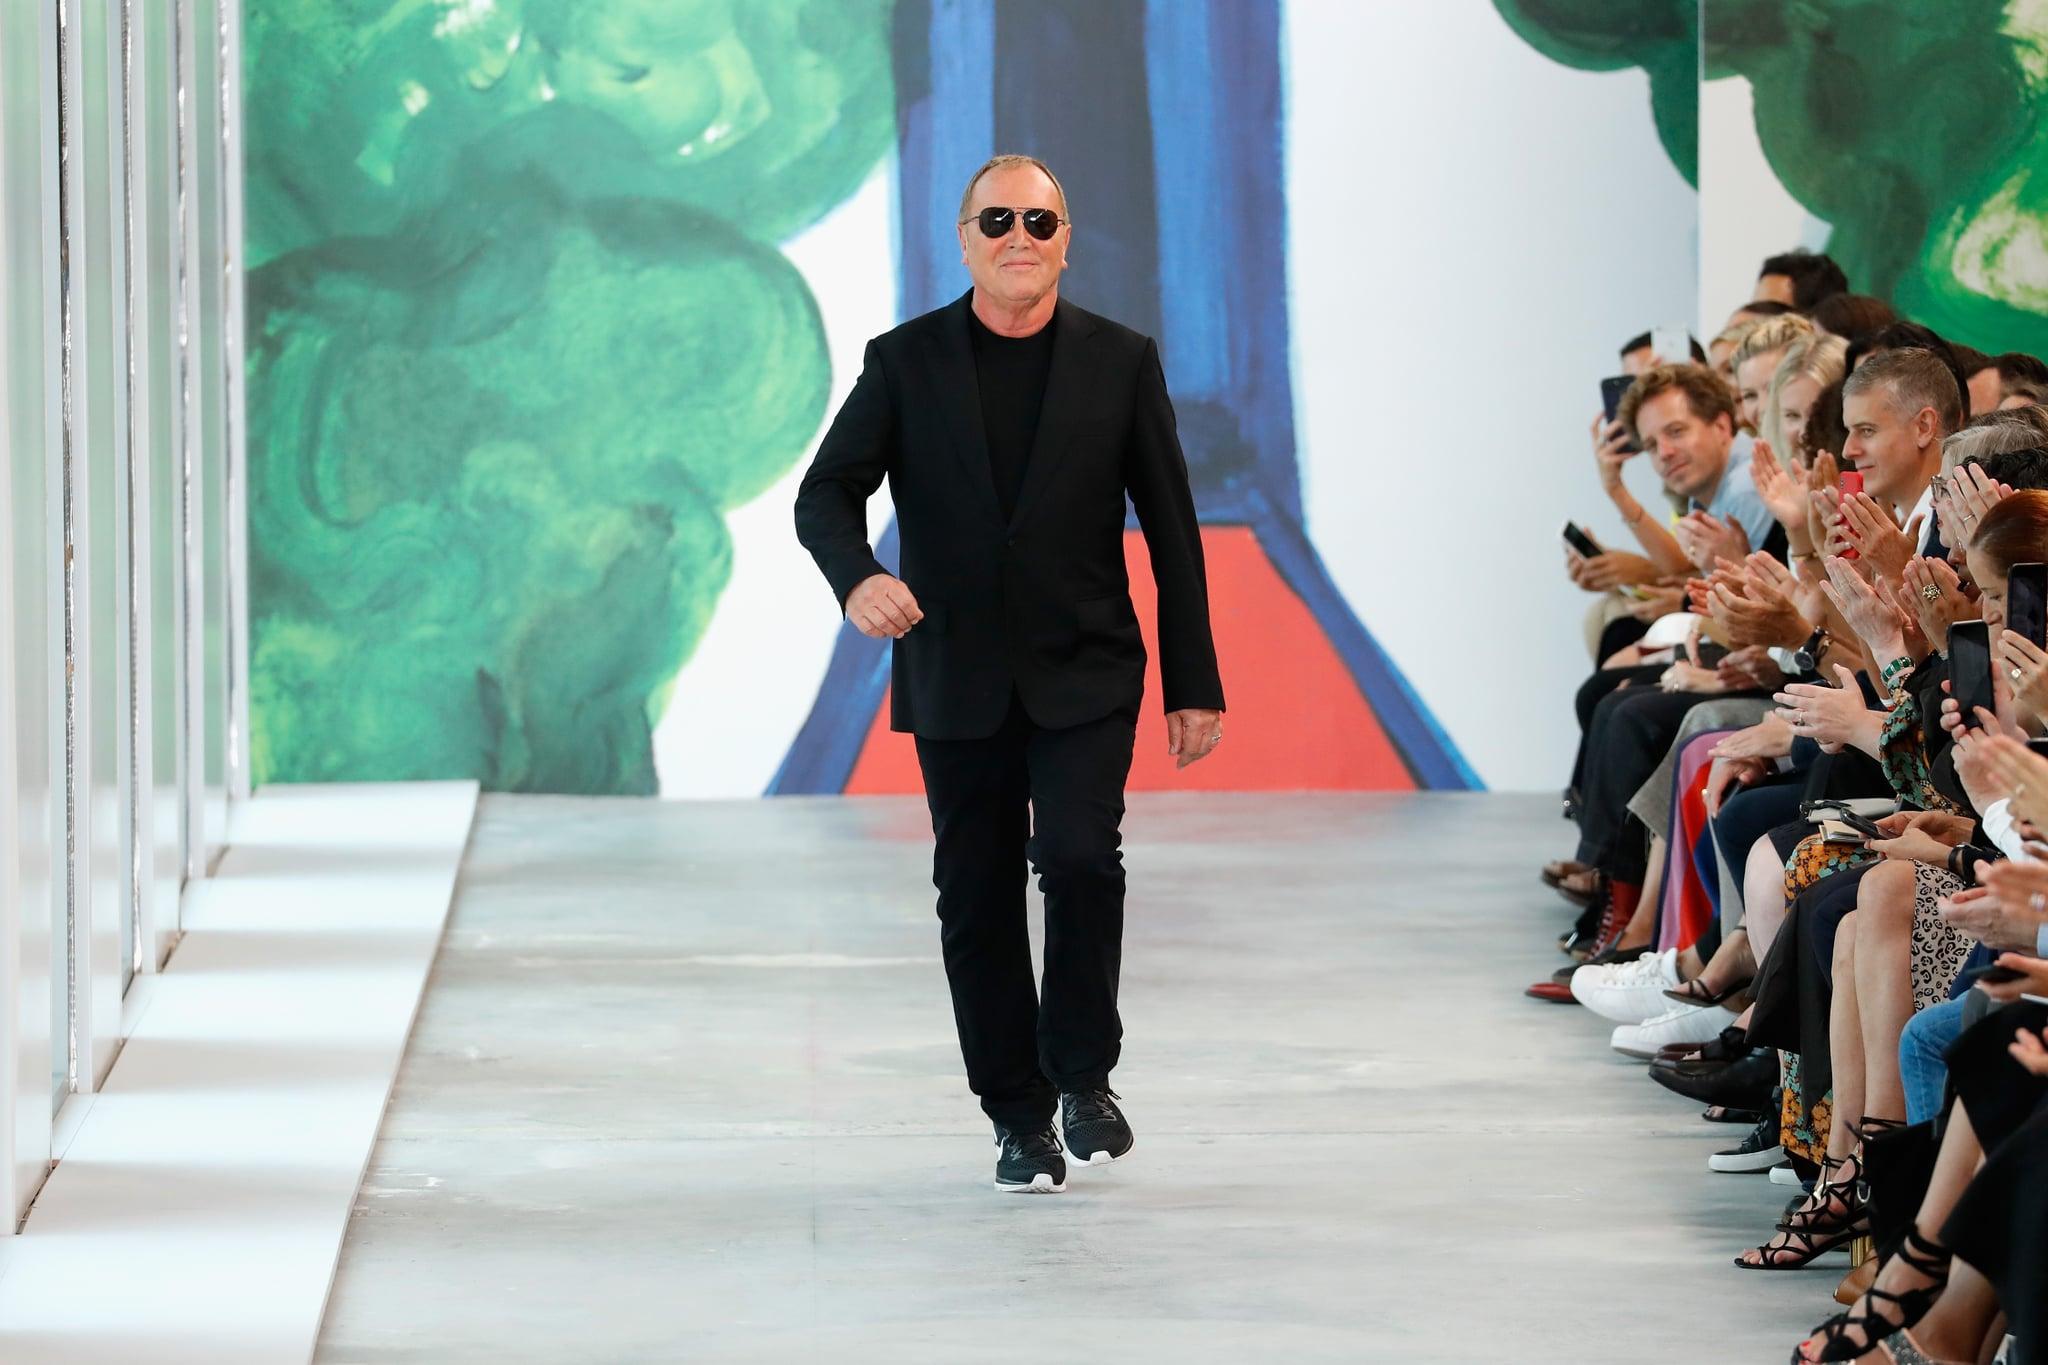 Michael Kors Is Leaving New York Fashion Week Popsugar Fashion